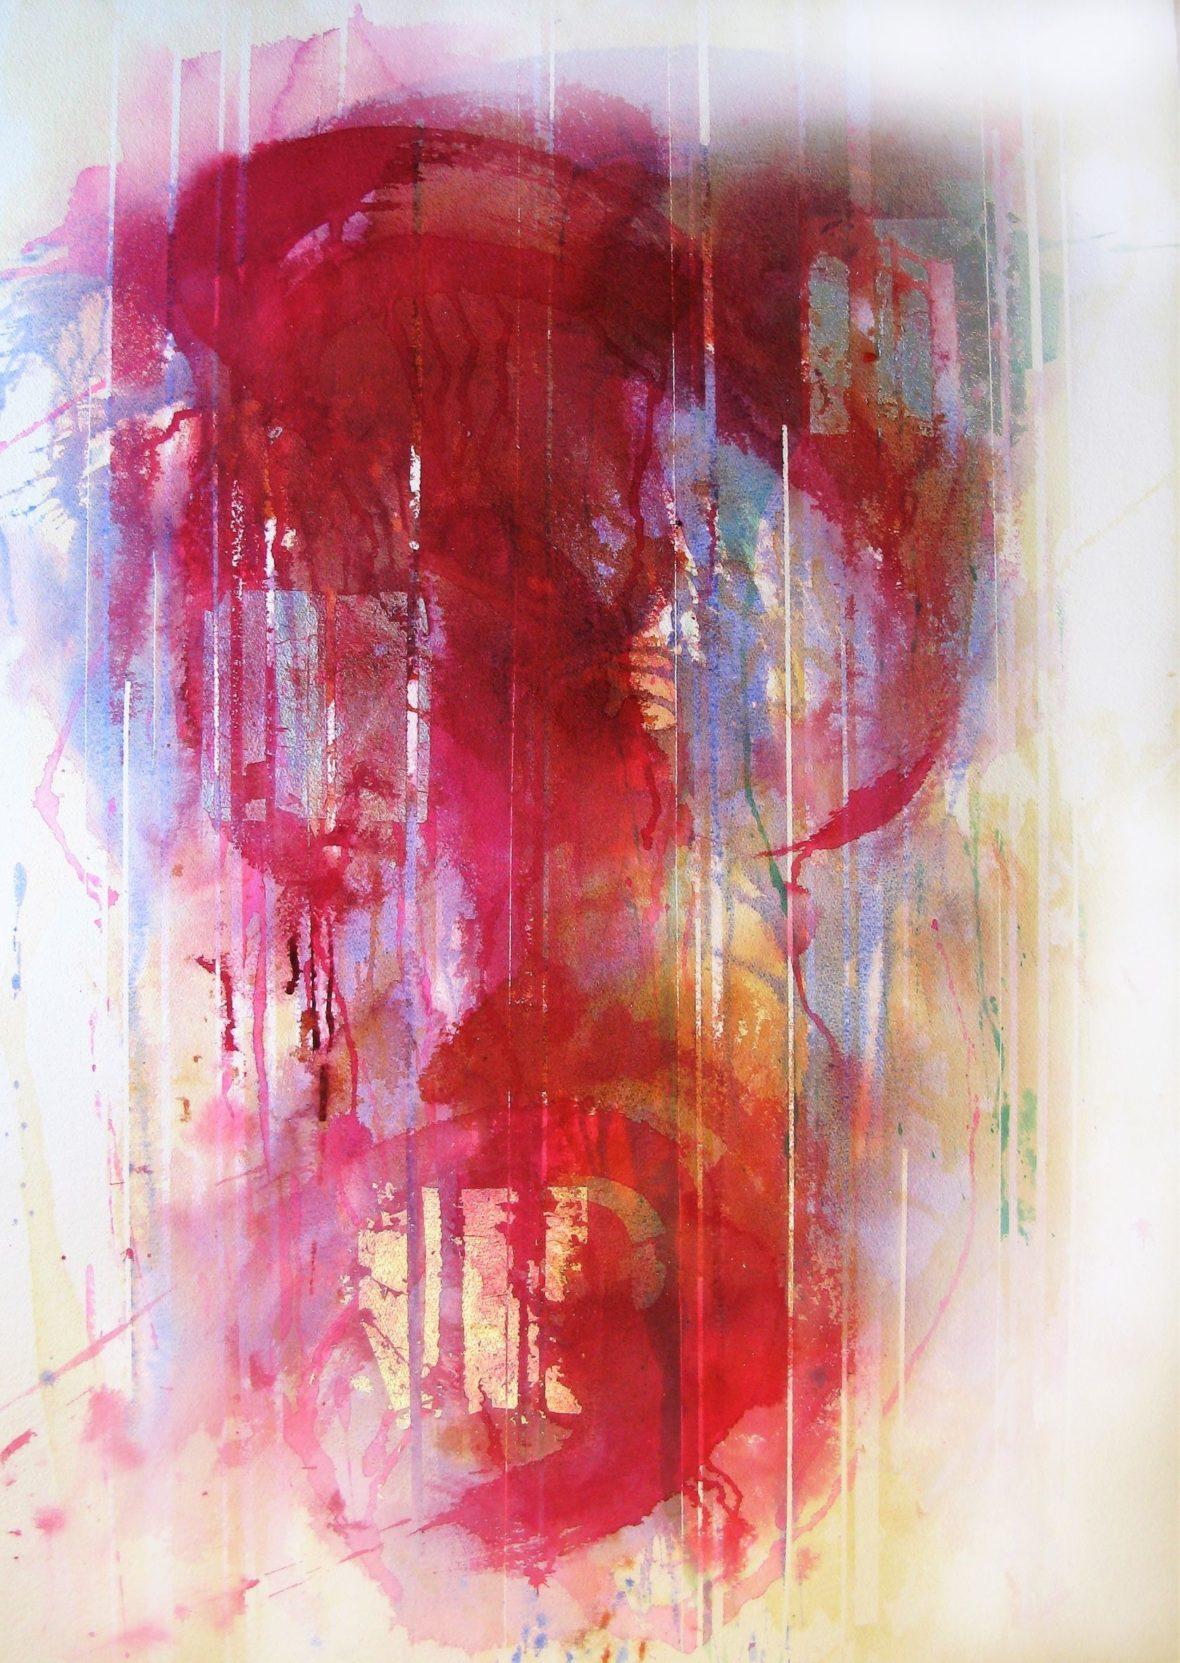 Abstrakti maalaus. Enimmäkseen punaista, vivahteita sinistä, keltaista, vihreää. Runsaita valumia.